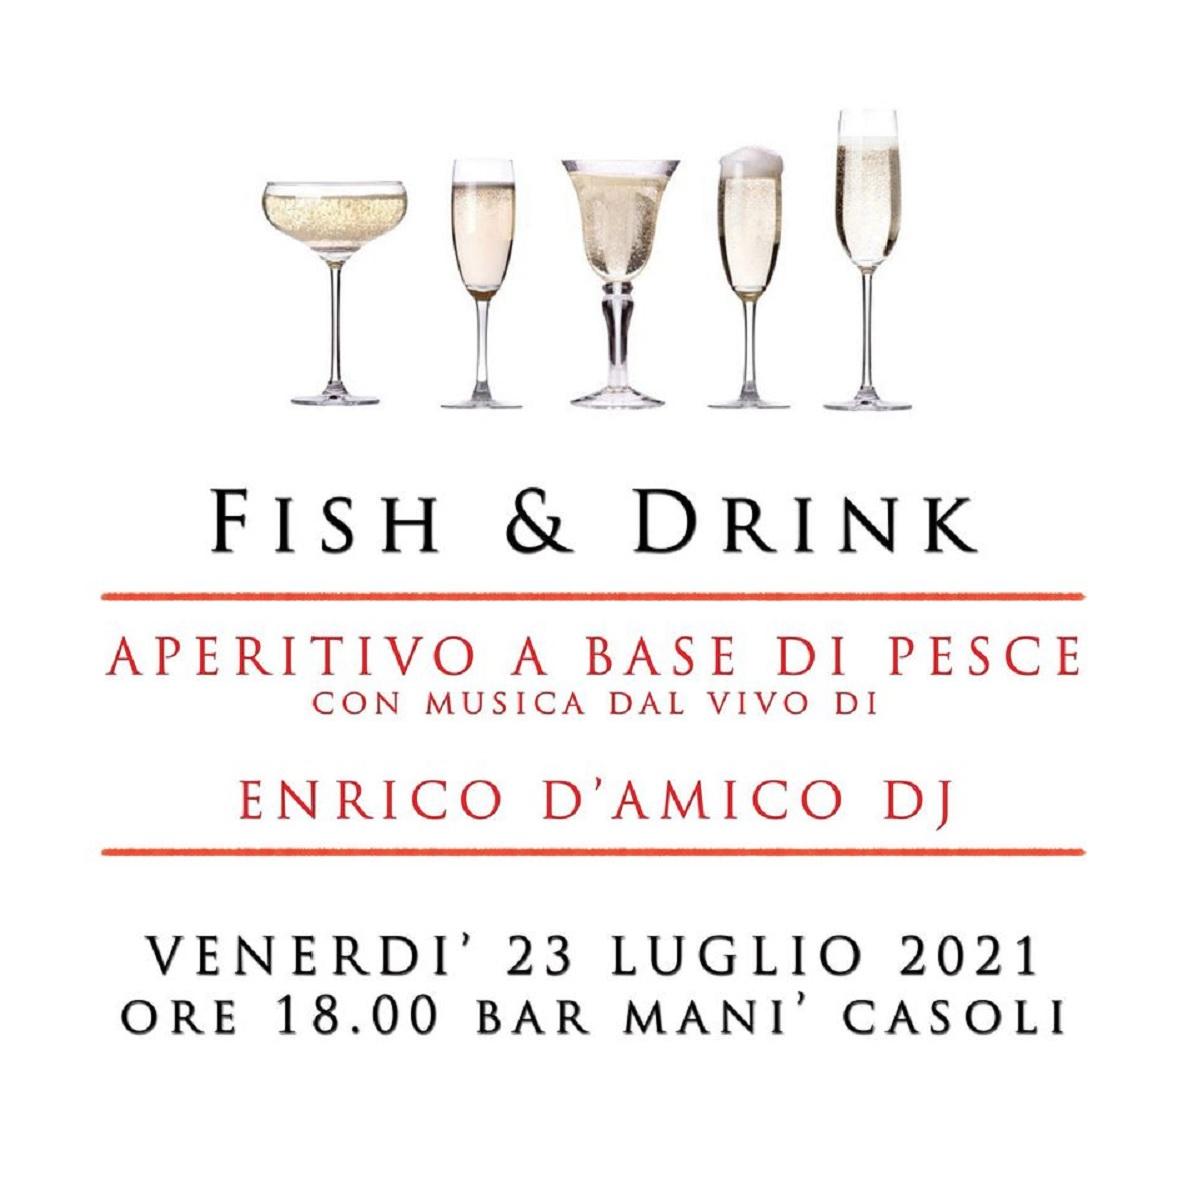 Fish & Drink al Bar Manì a Casoli 23 luglio 2021 foto